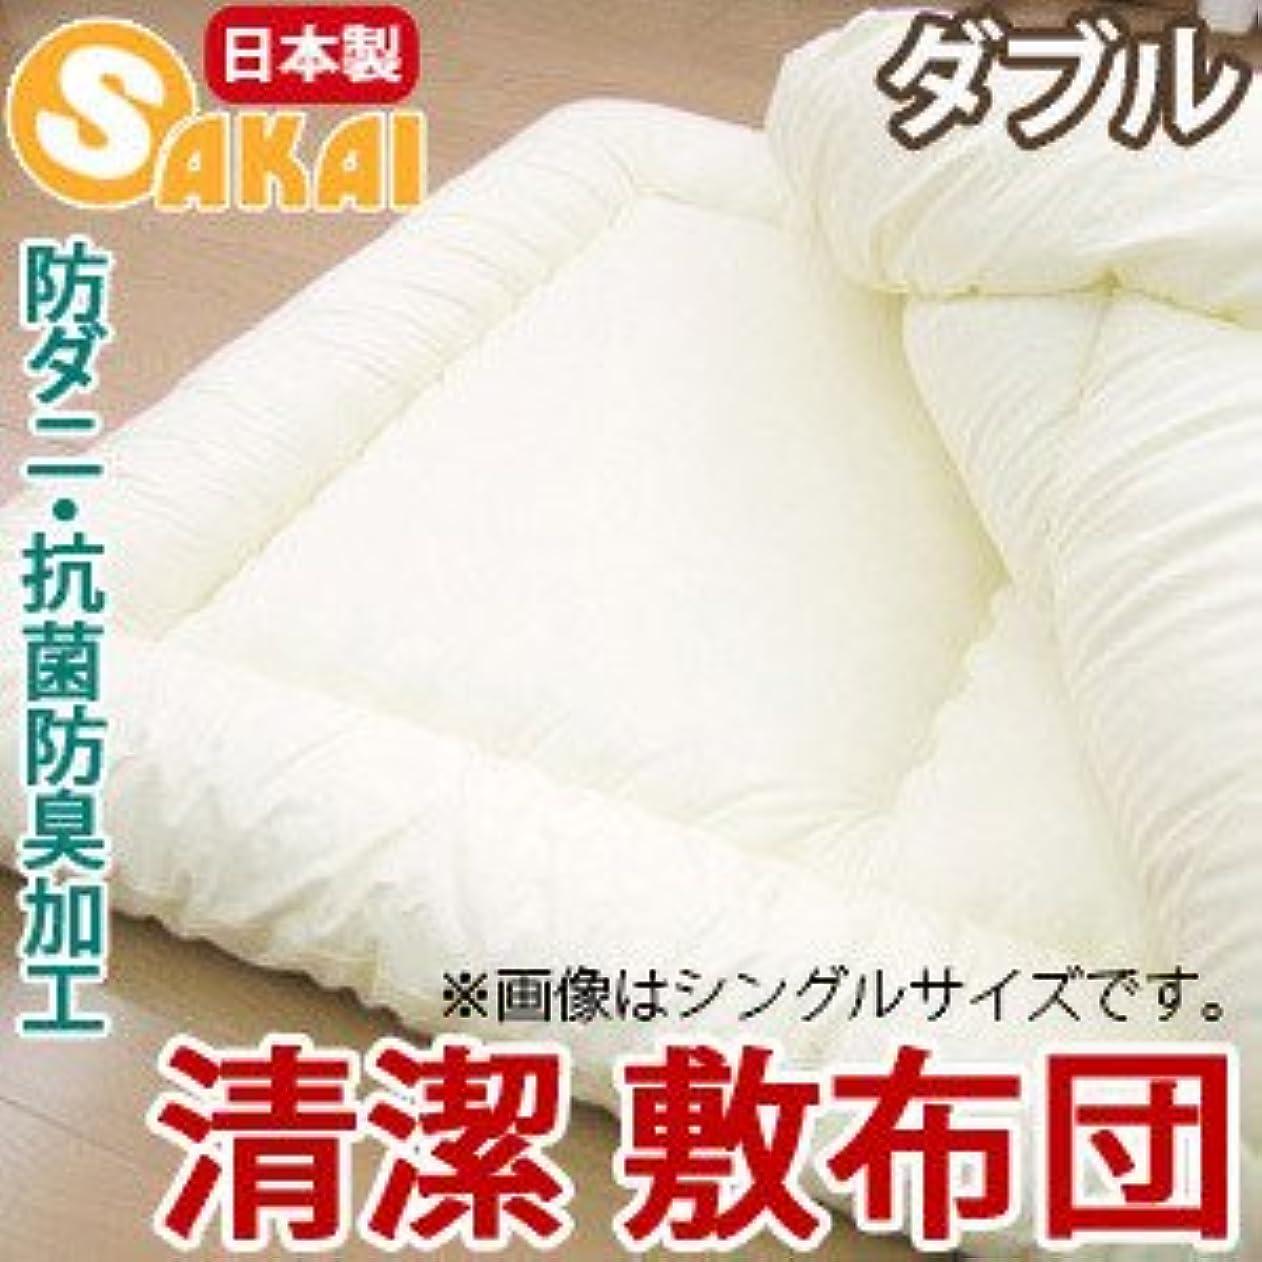 書誌フローティング北極圏無地 抗菌防臭加工中綿使用(マイティトップ)敷布団 ダブル